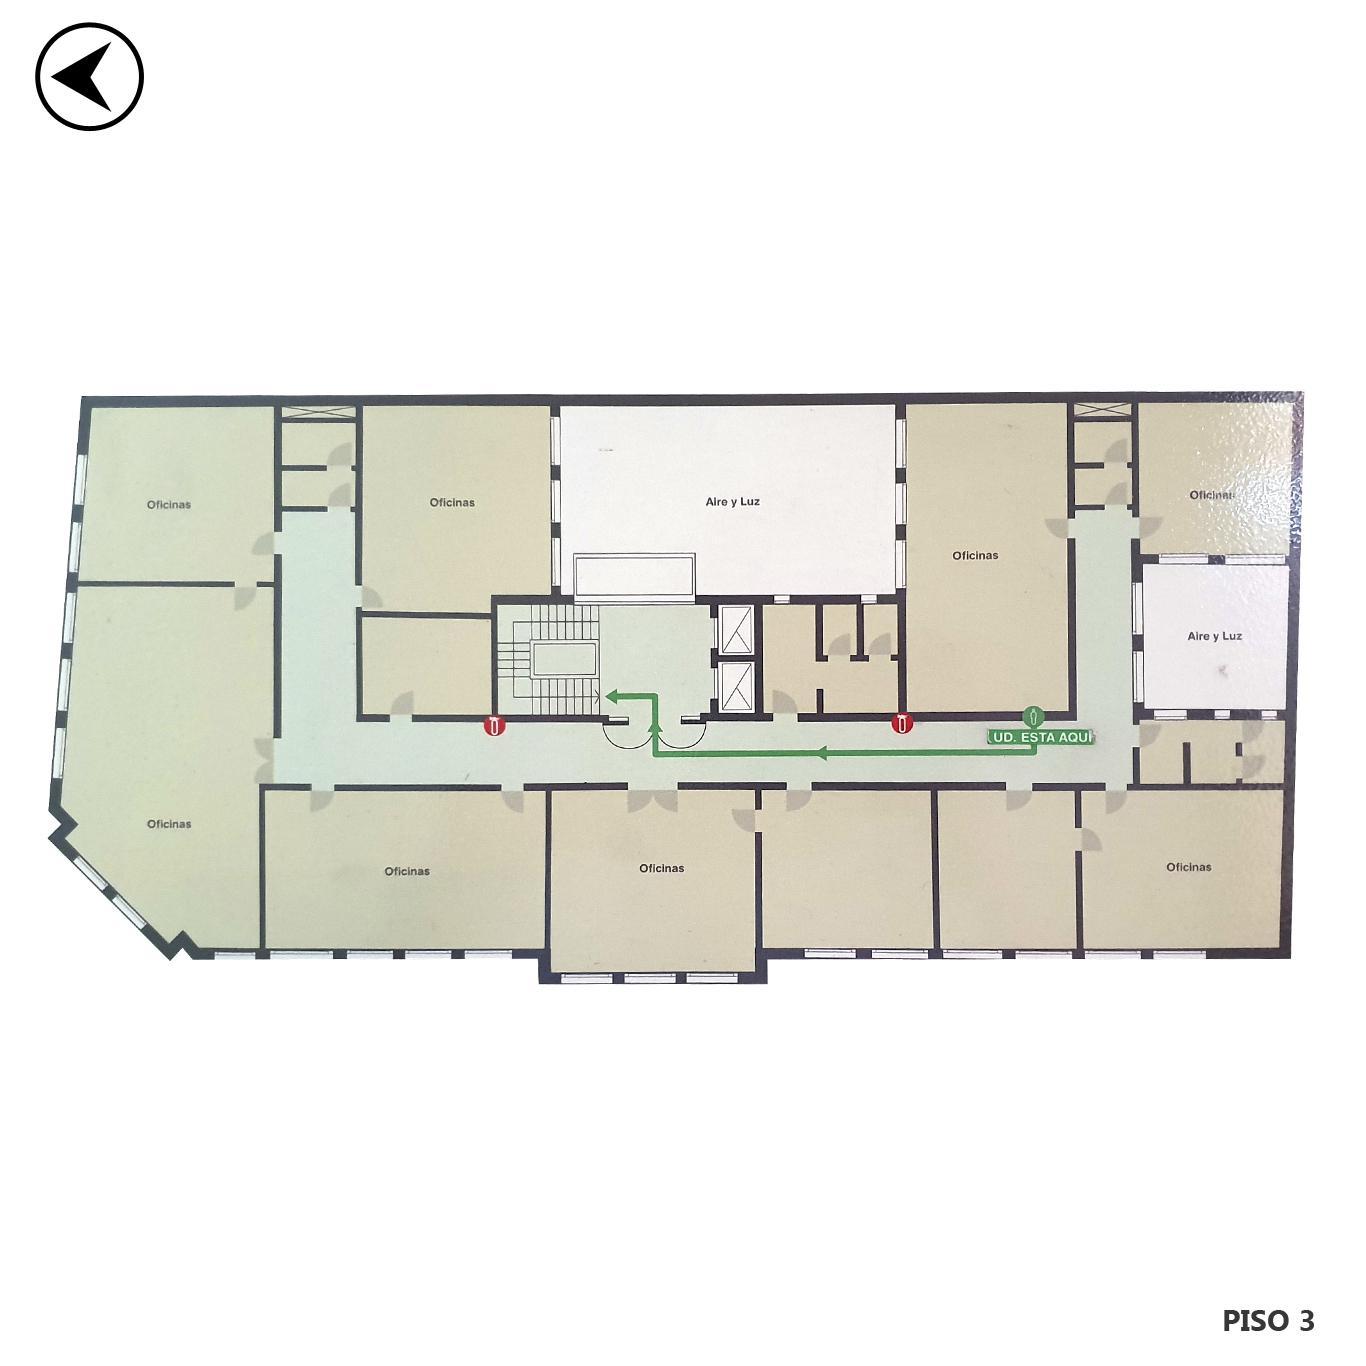 Venta edificio comercial Rosario, Centro. Cod CCO2260057. Crestale Propiedades